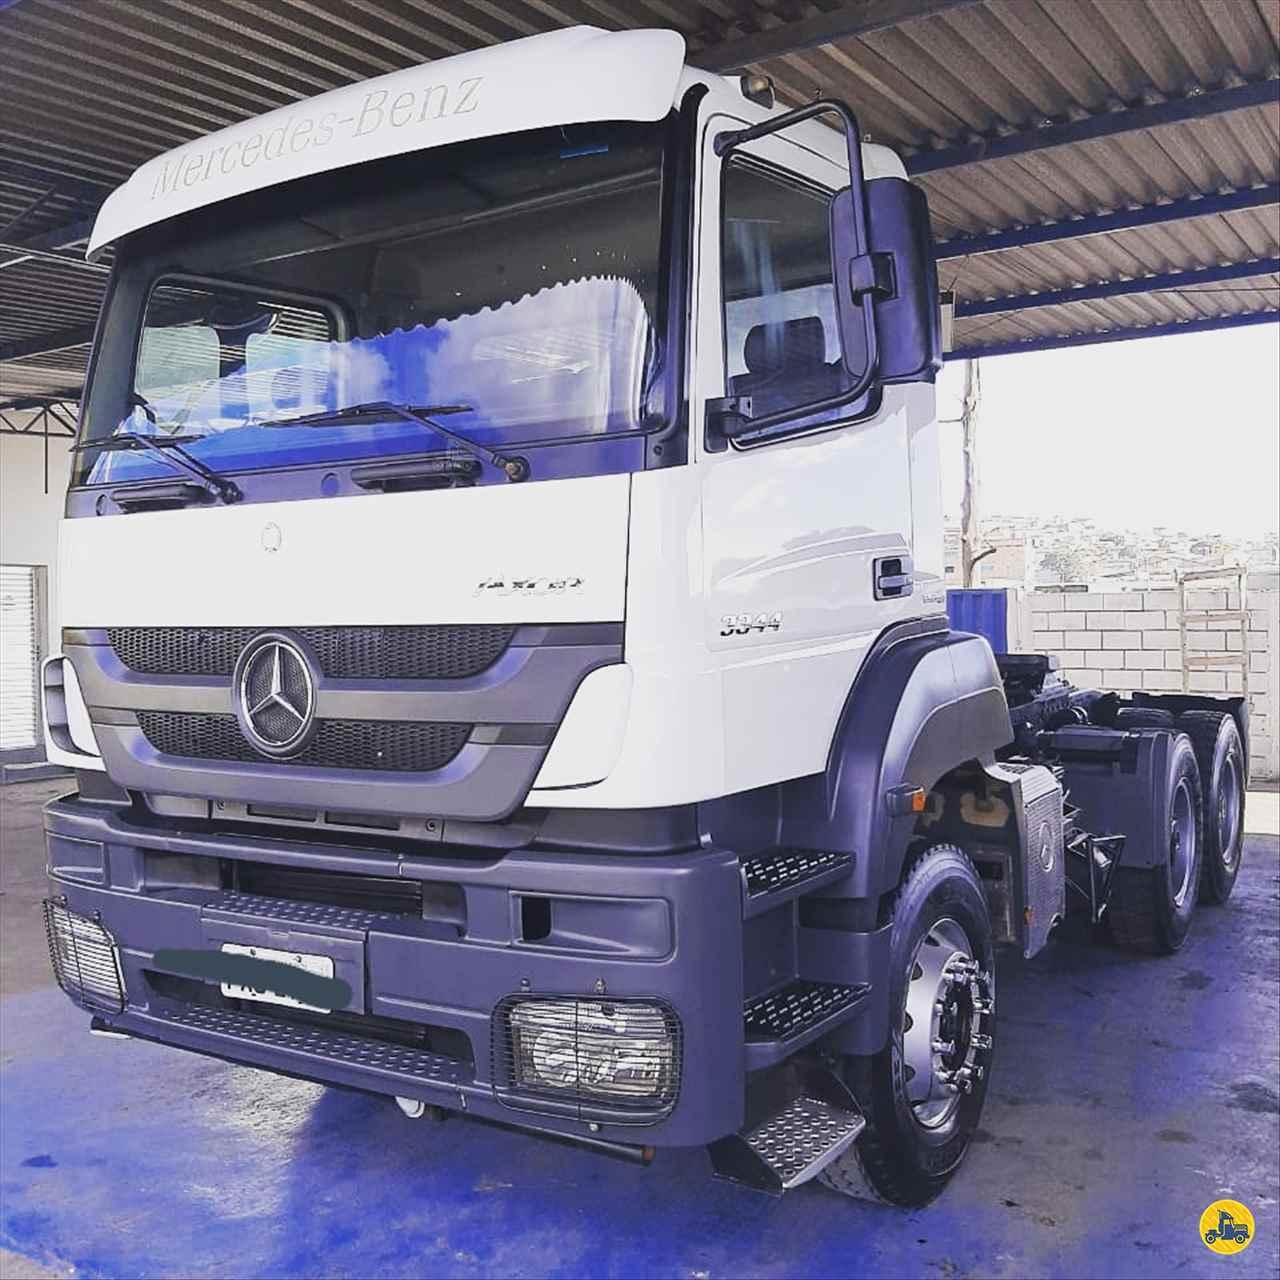 CAMINHAO MERCEDES-BENZ MB 3344 Cavalo Mecânico Traçado 6x4 Caminhões Certos CONTAGEM MINAS GERAIS MG